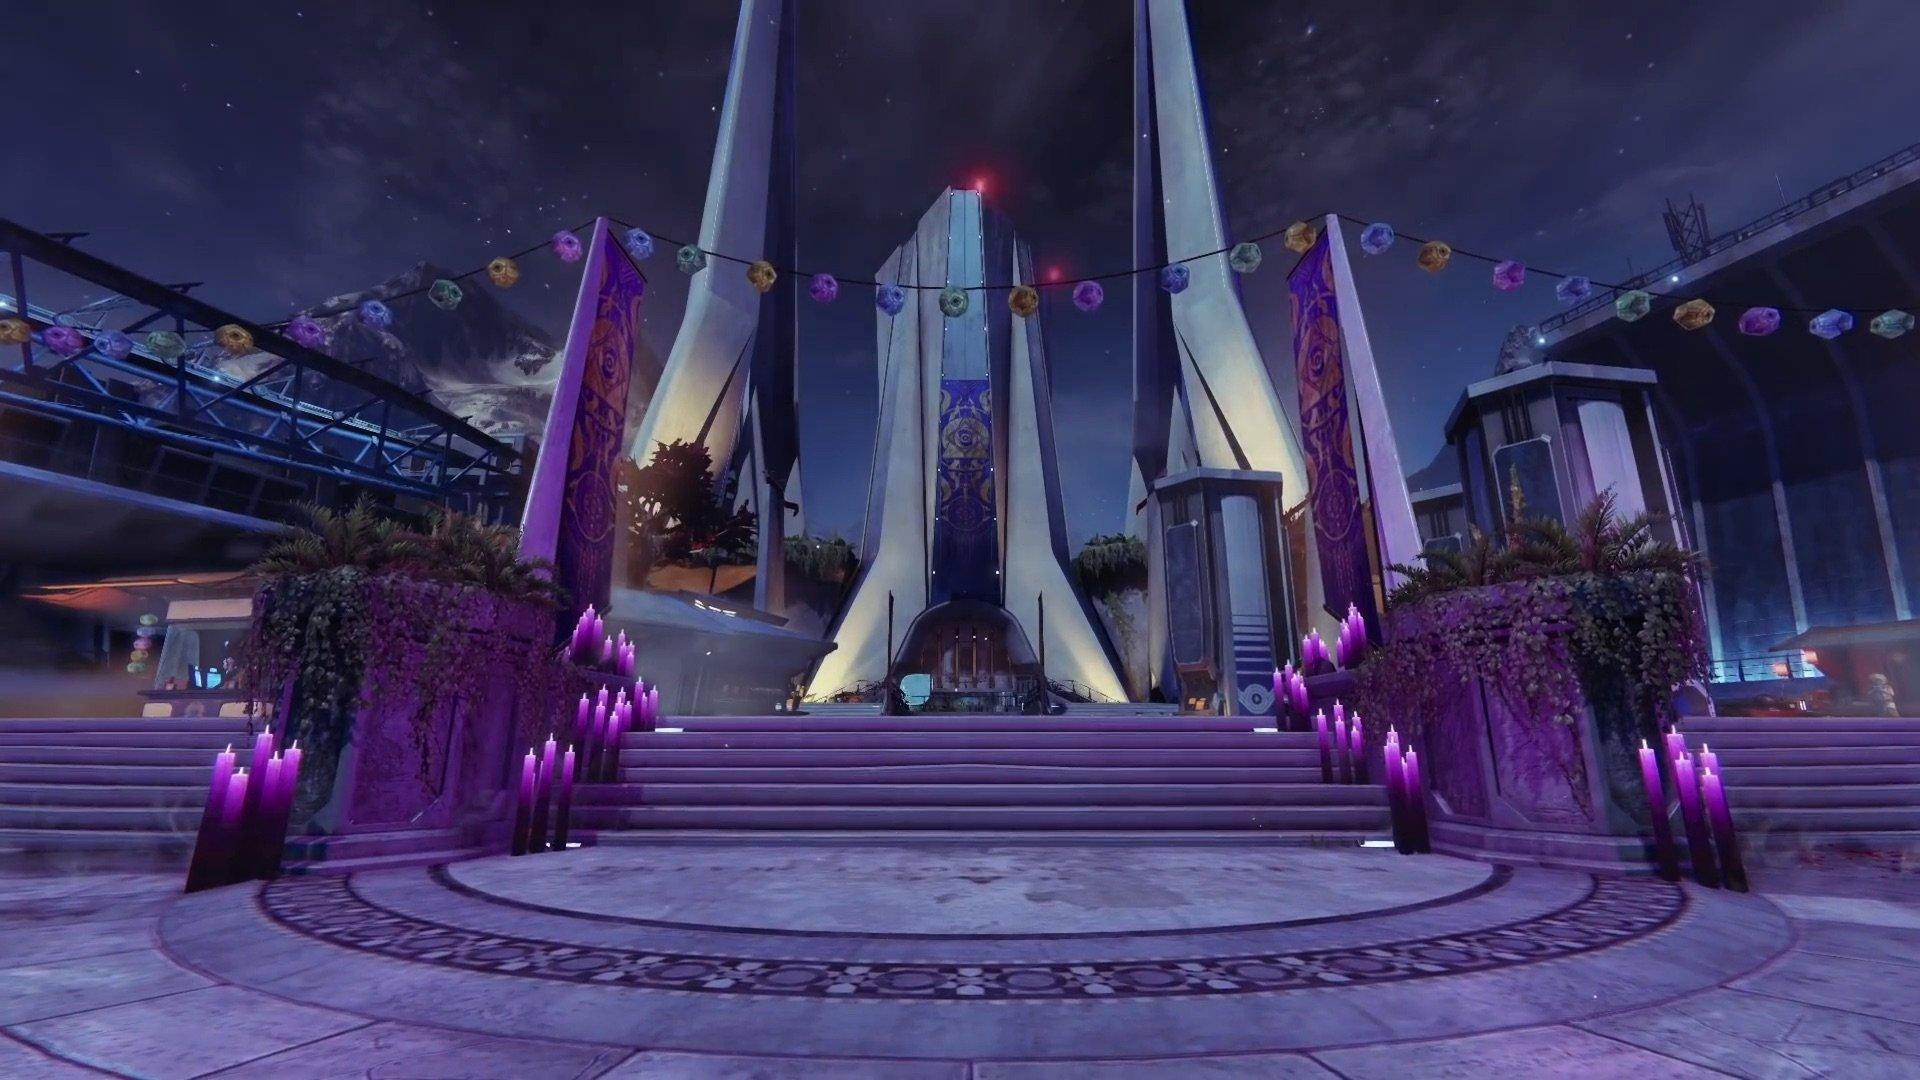 Le Festival des Perdus revient au Destiny 2 en octobre prochain